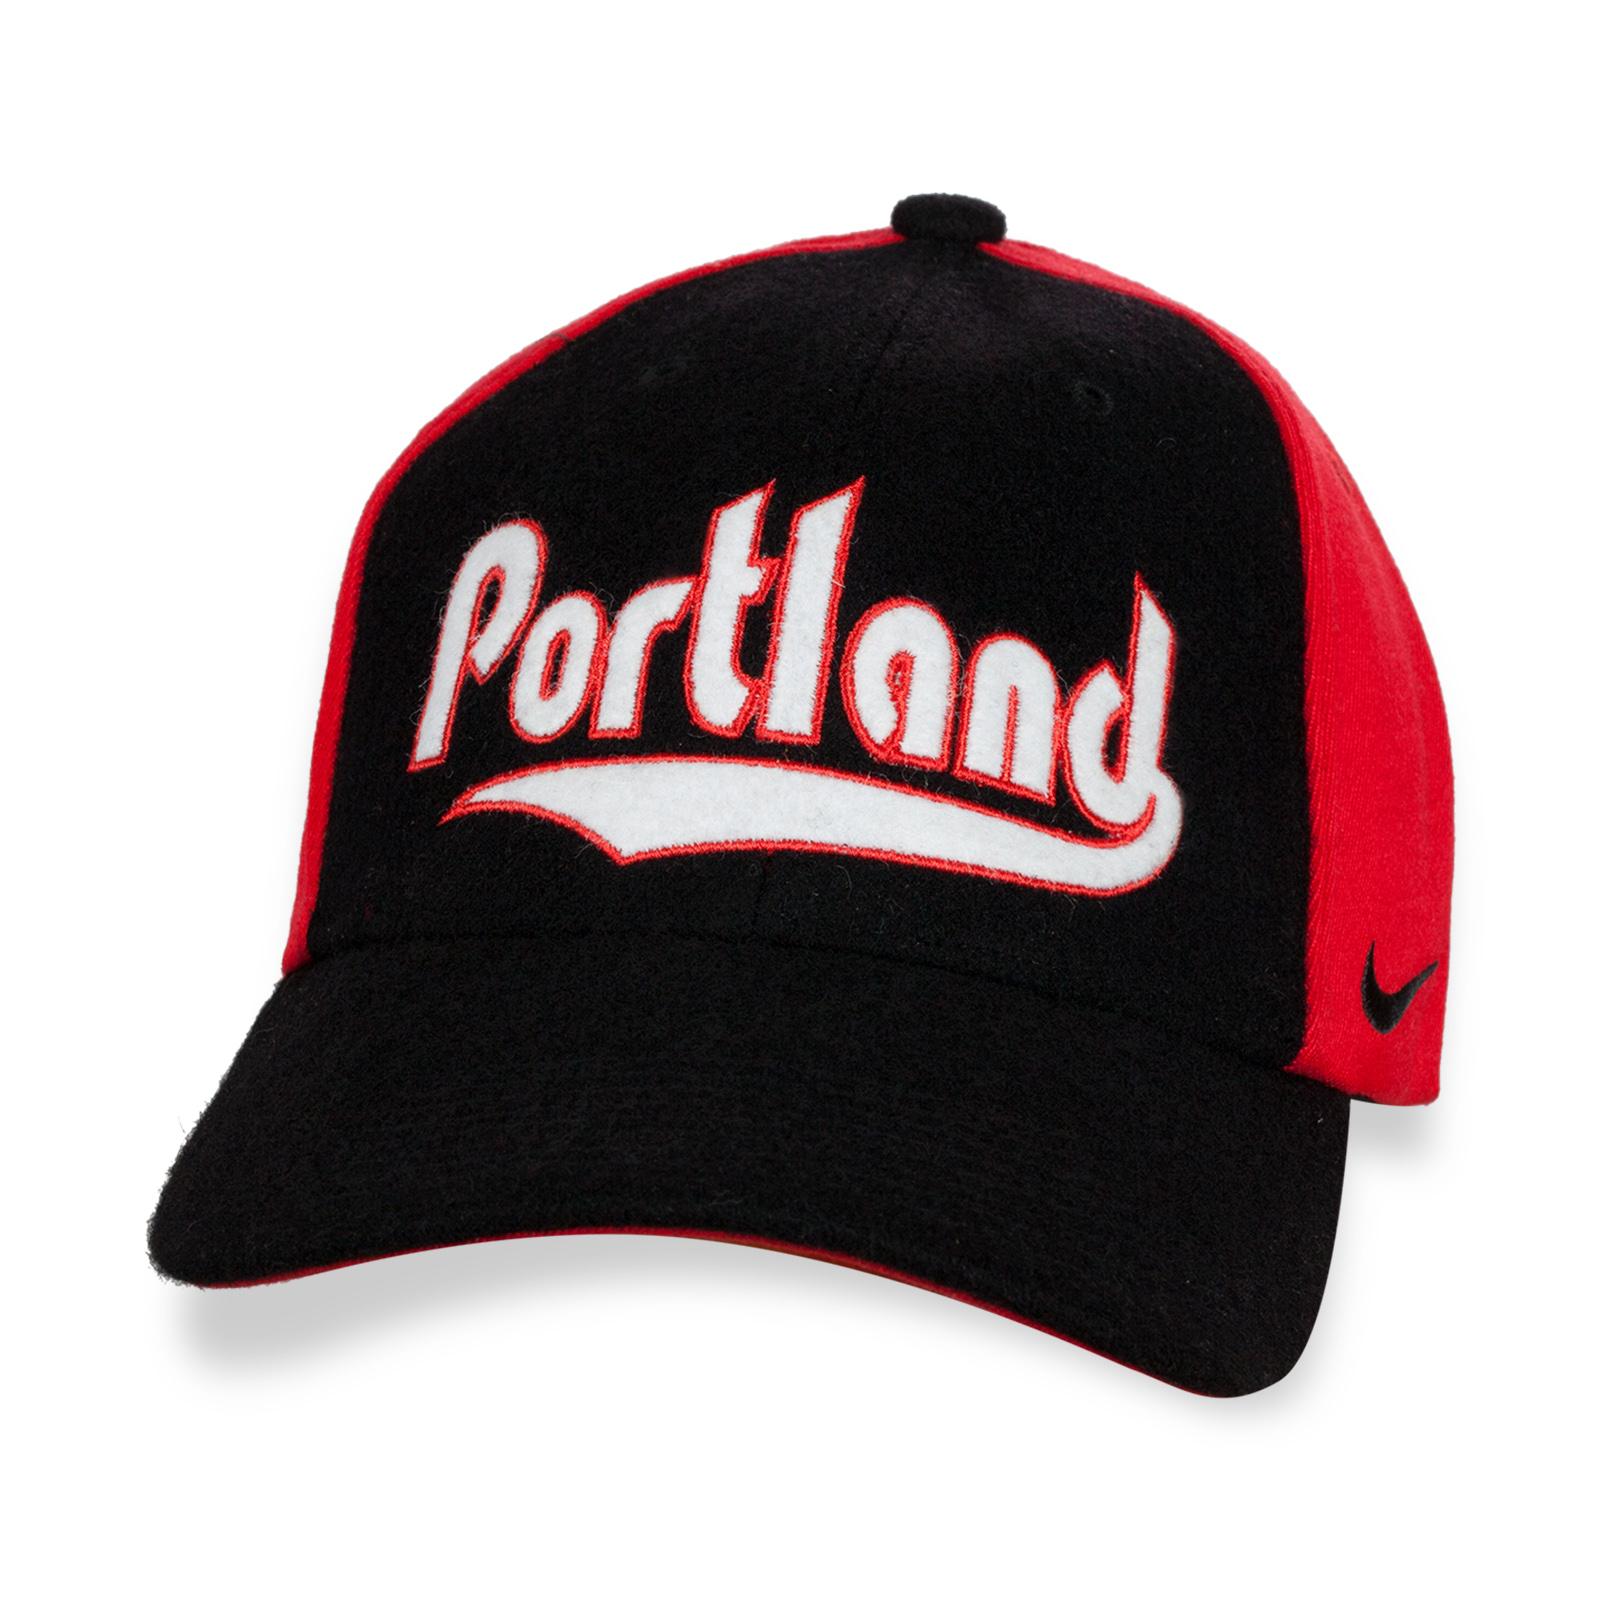 Фирменная кепка с надписью Portland.